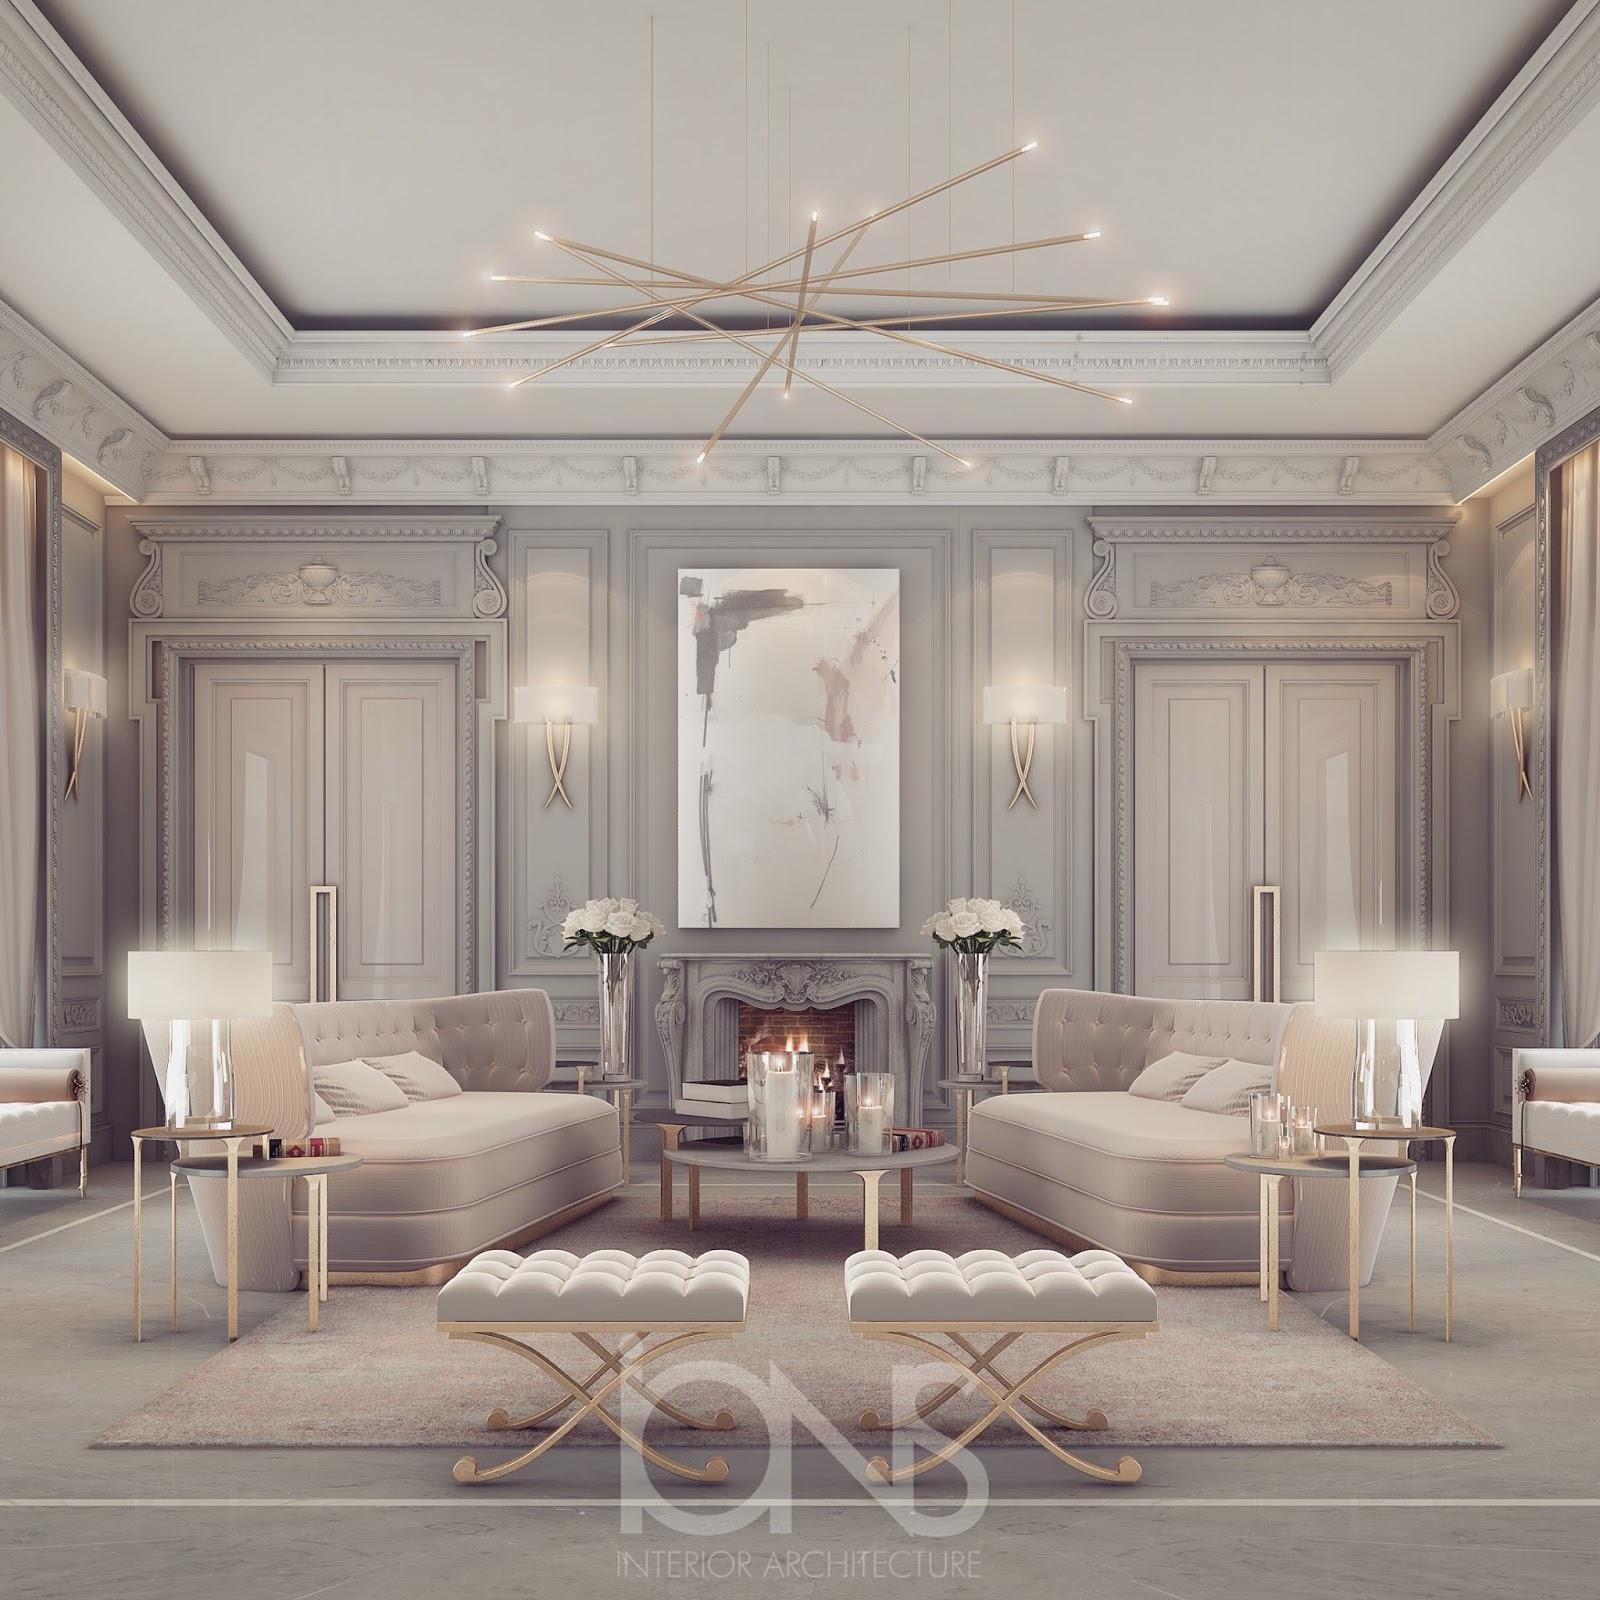 Dubai interior design company interior design ideas for for Living room ideas dubai